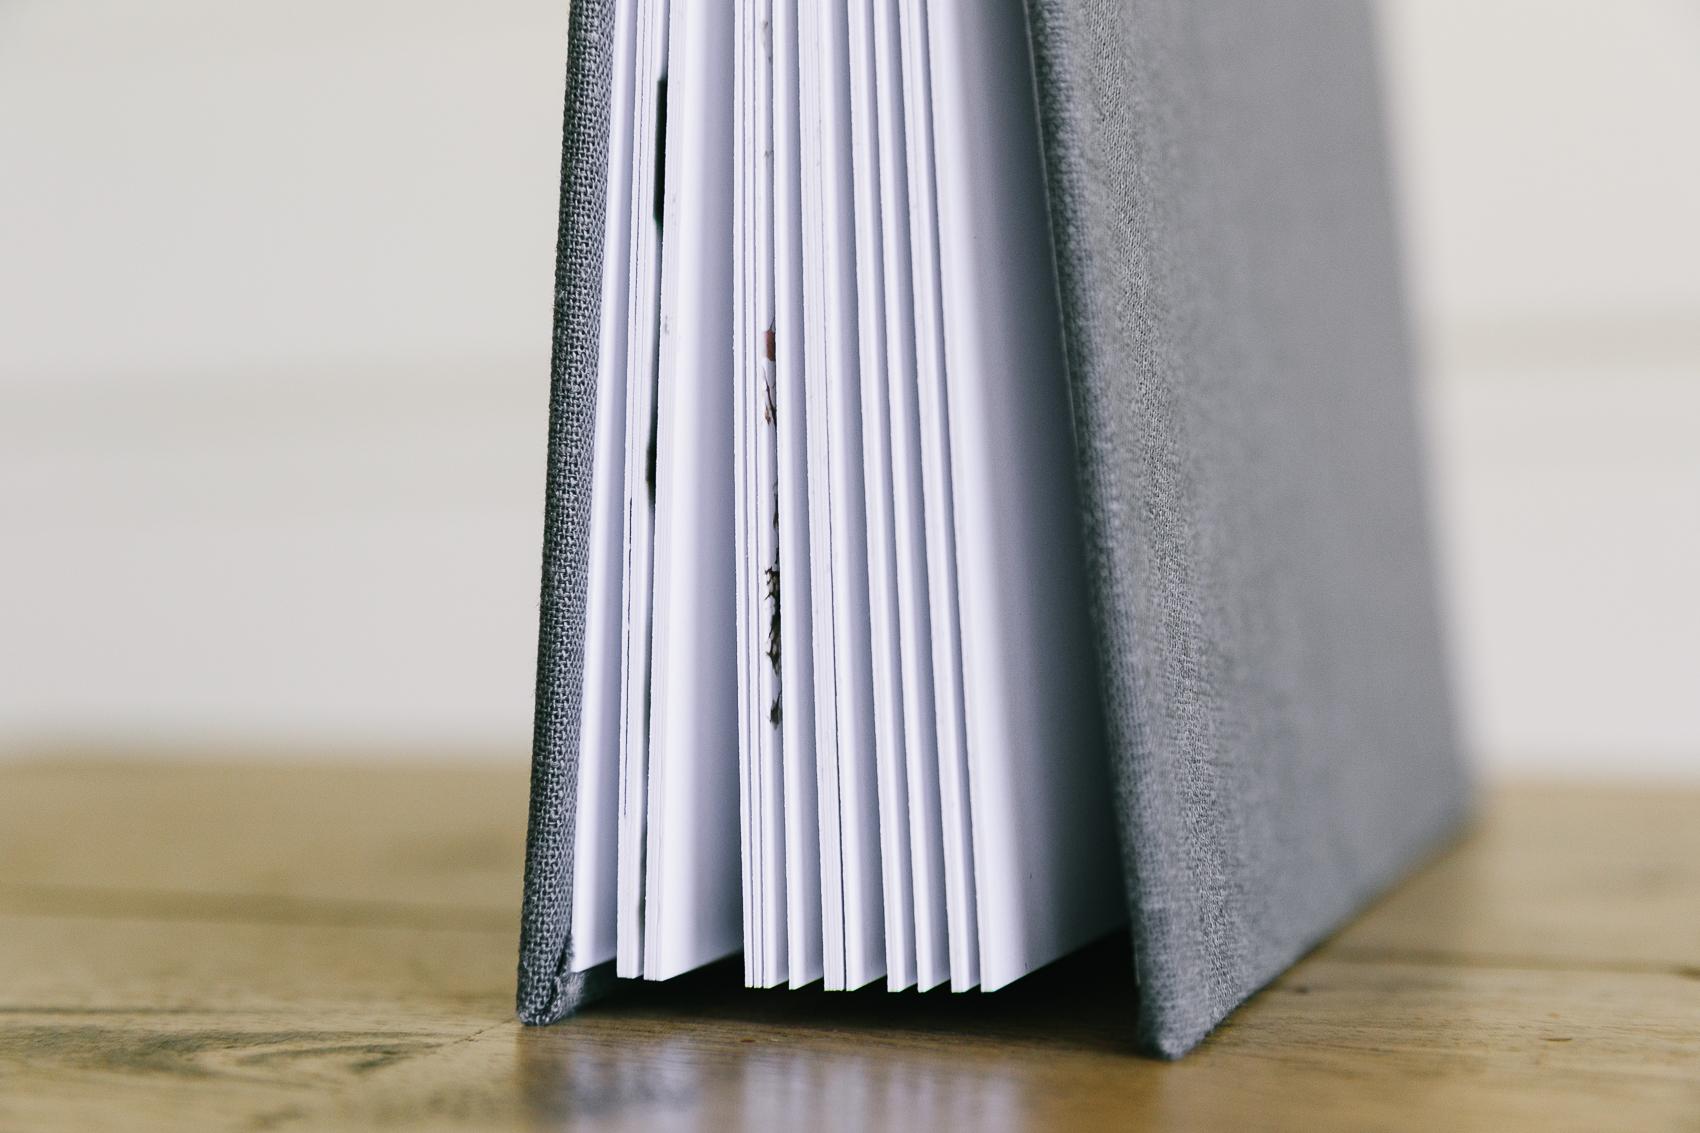 Books2019-0104.jpg